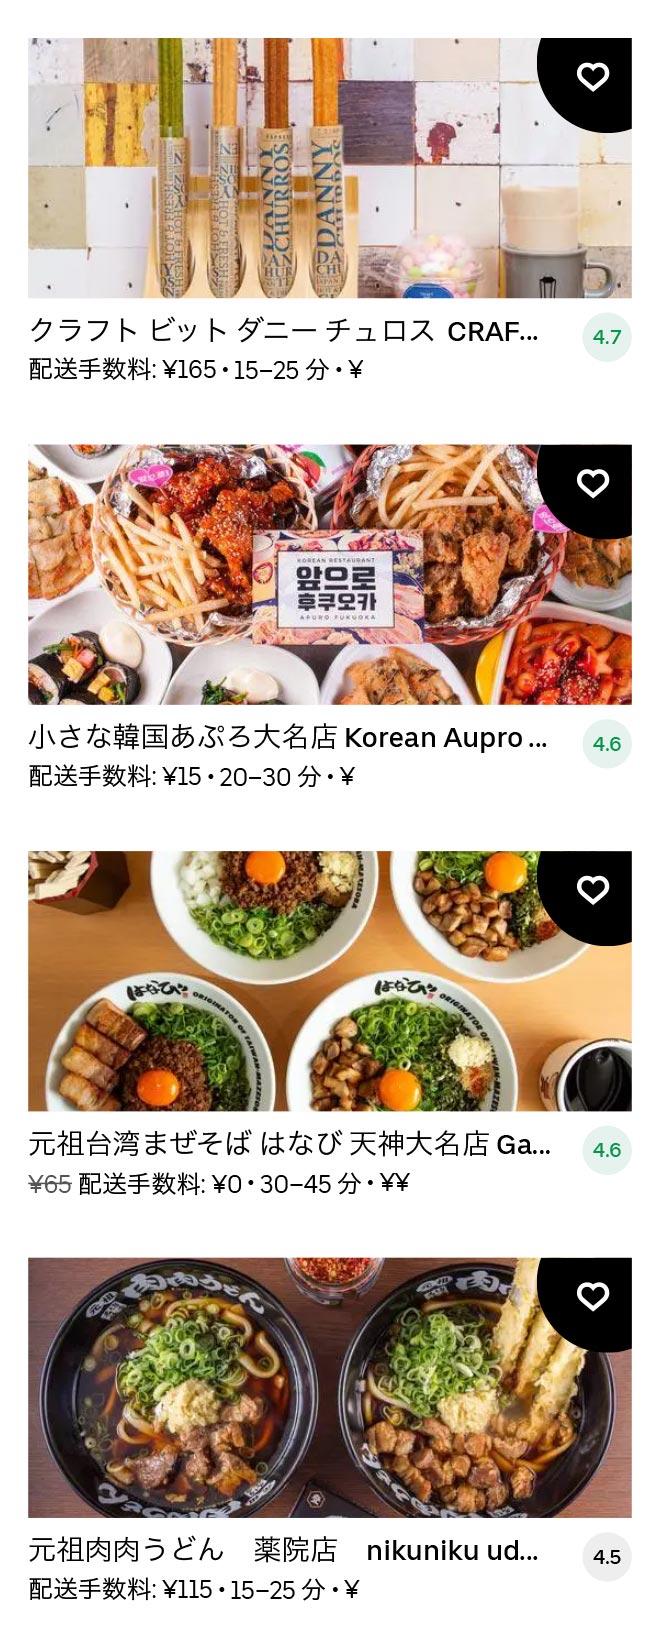 Akasaka menu 2101 10